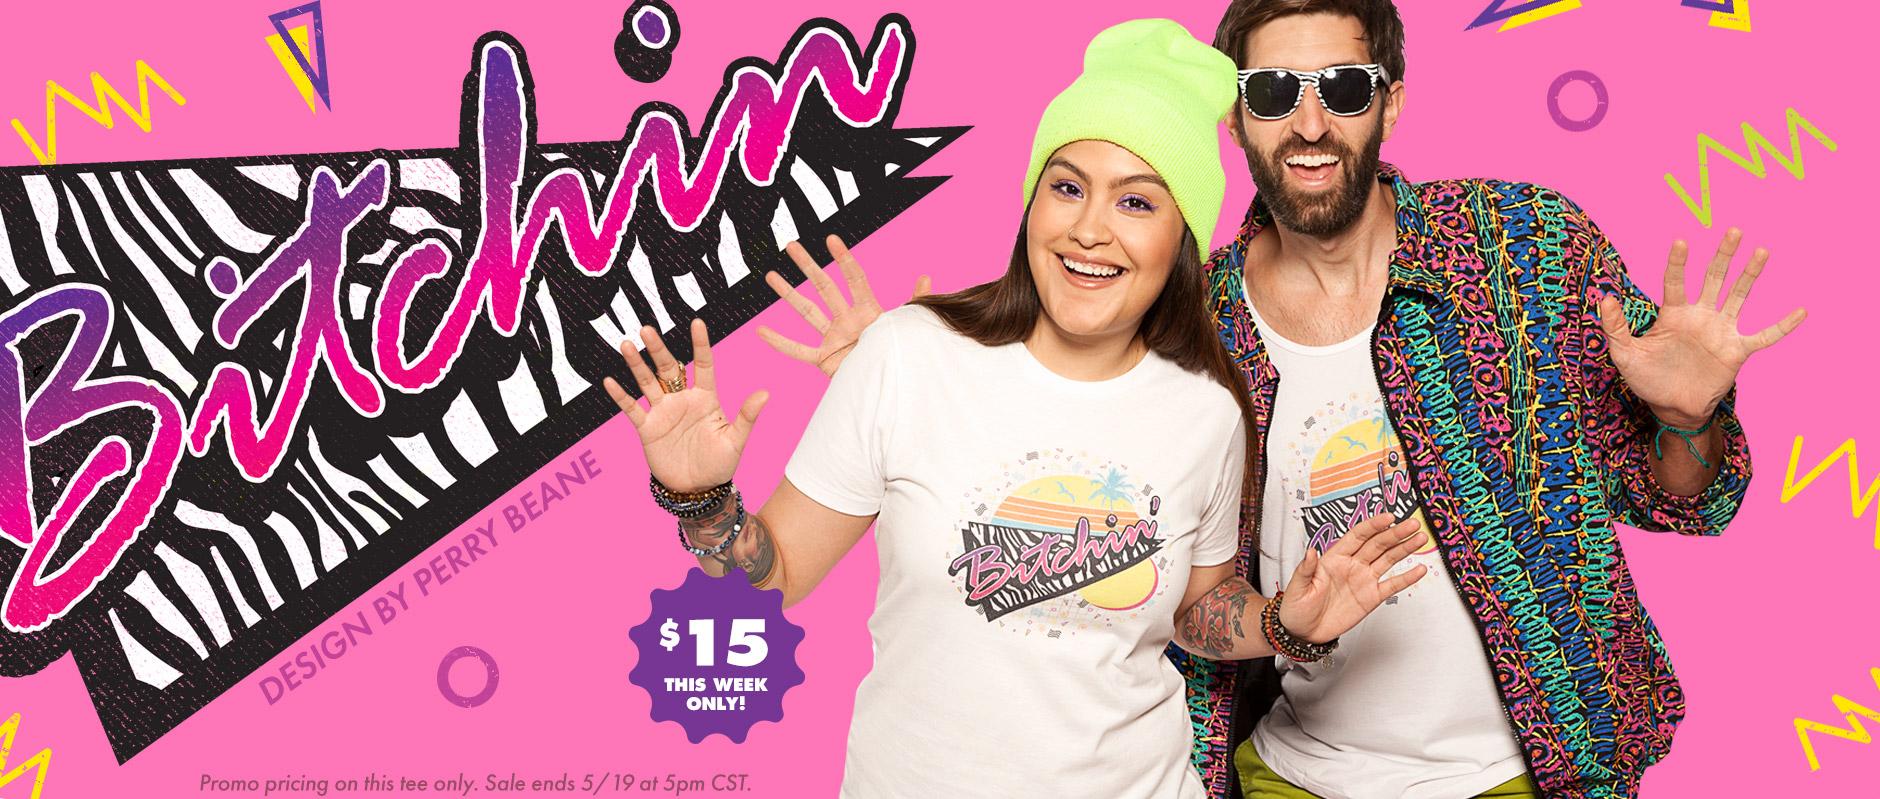 crosshoakley t shirt sale fyl9  crosshoakley t shirt sale